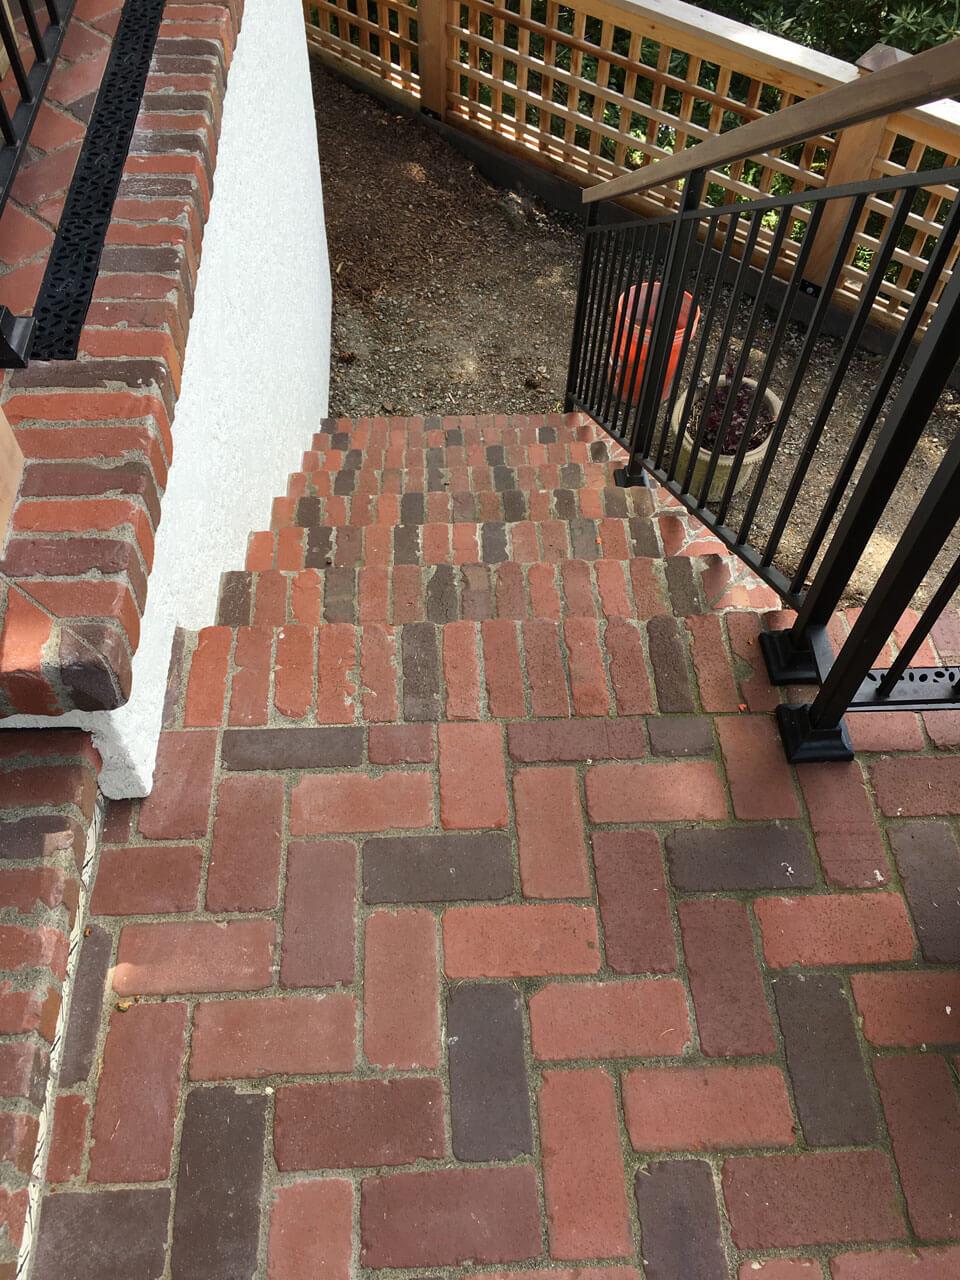 Tumbled thin brick stairs